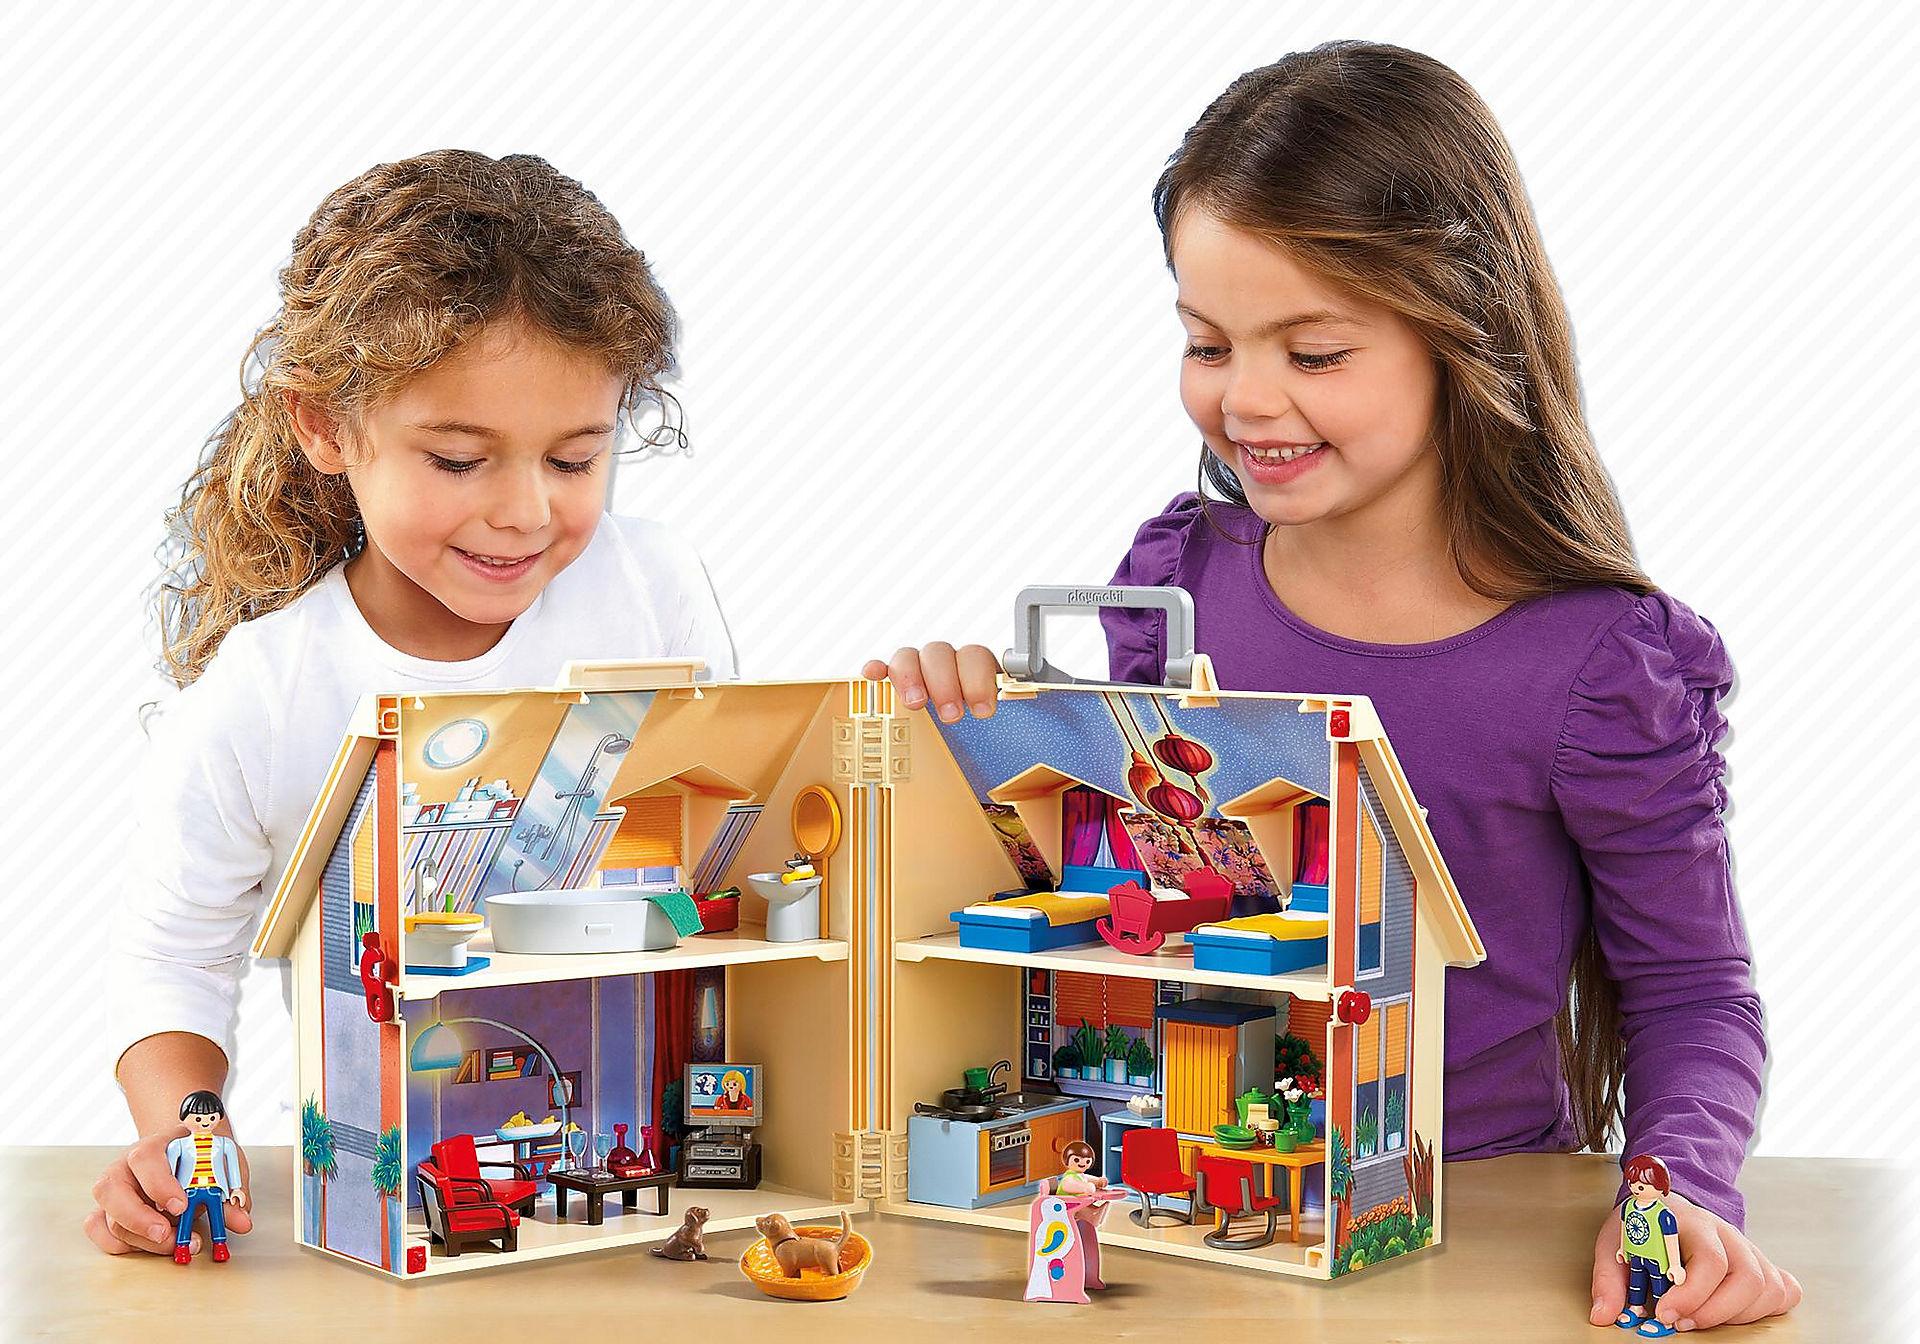 http://media.playmobil.com/i/playmobil/5167_product_extra2/Casa de Muñecas Maletín